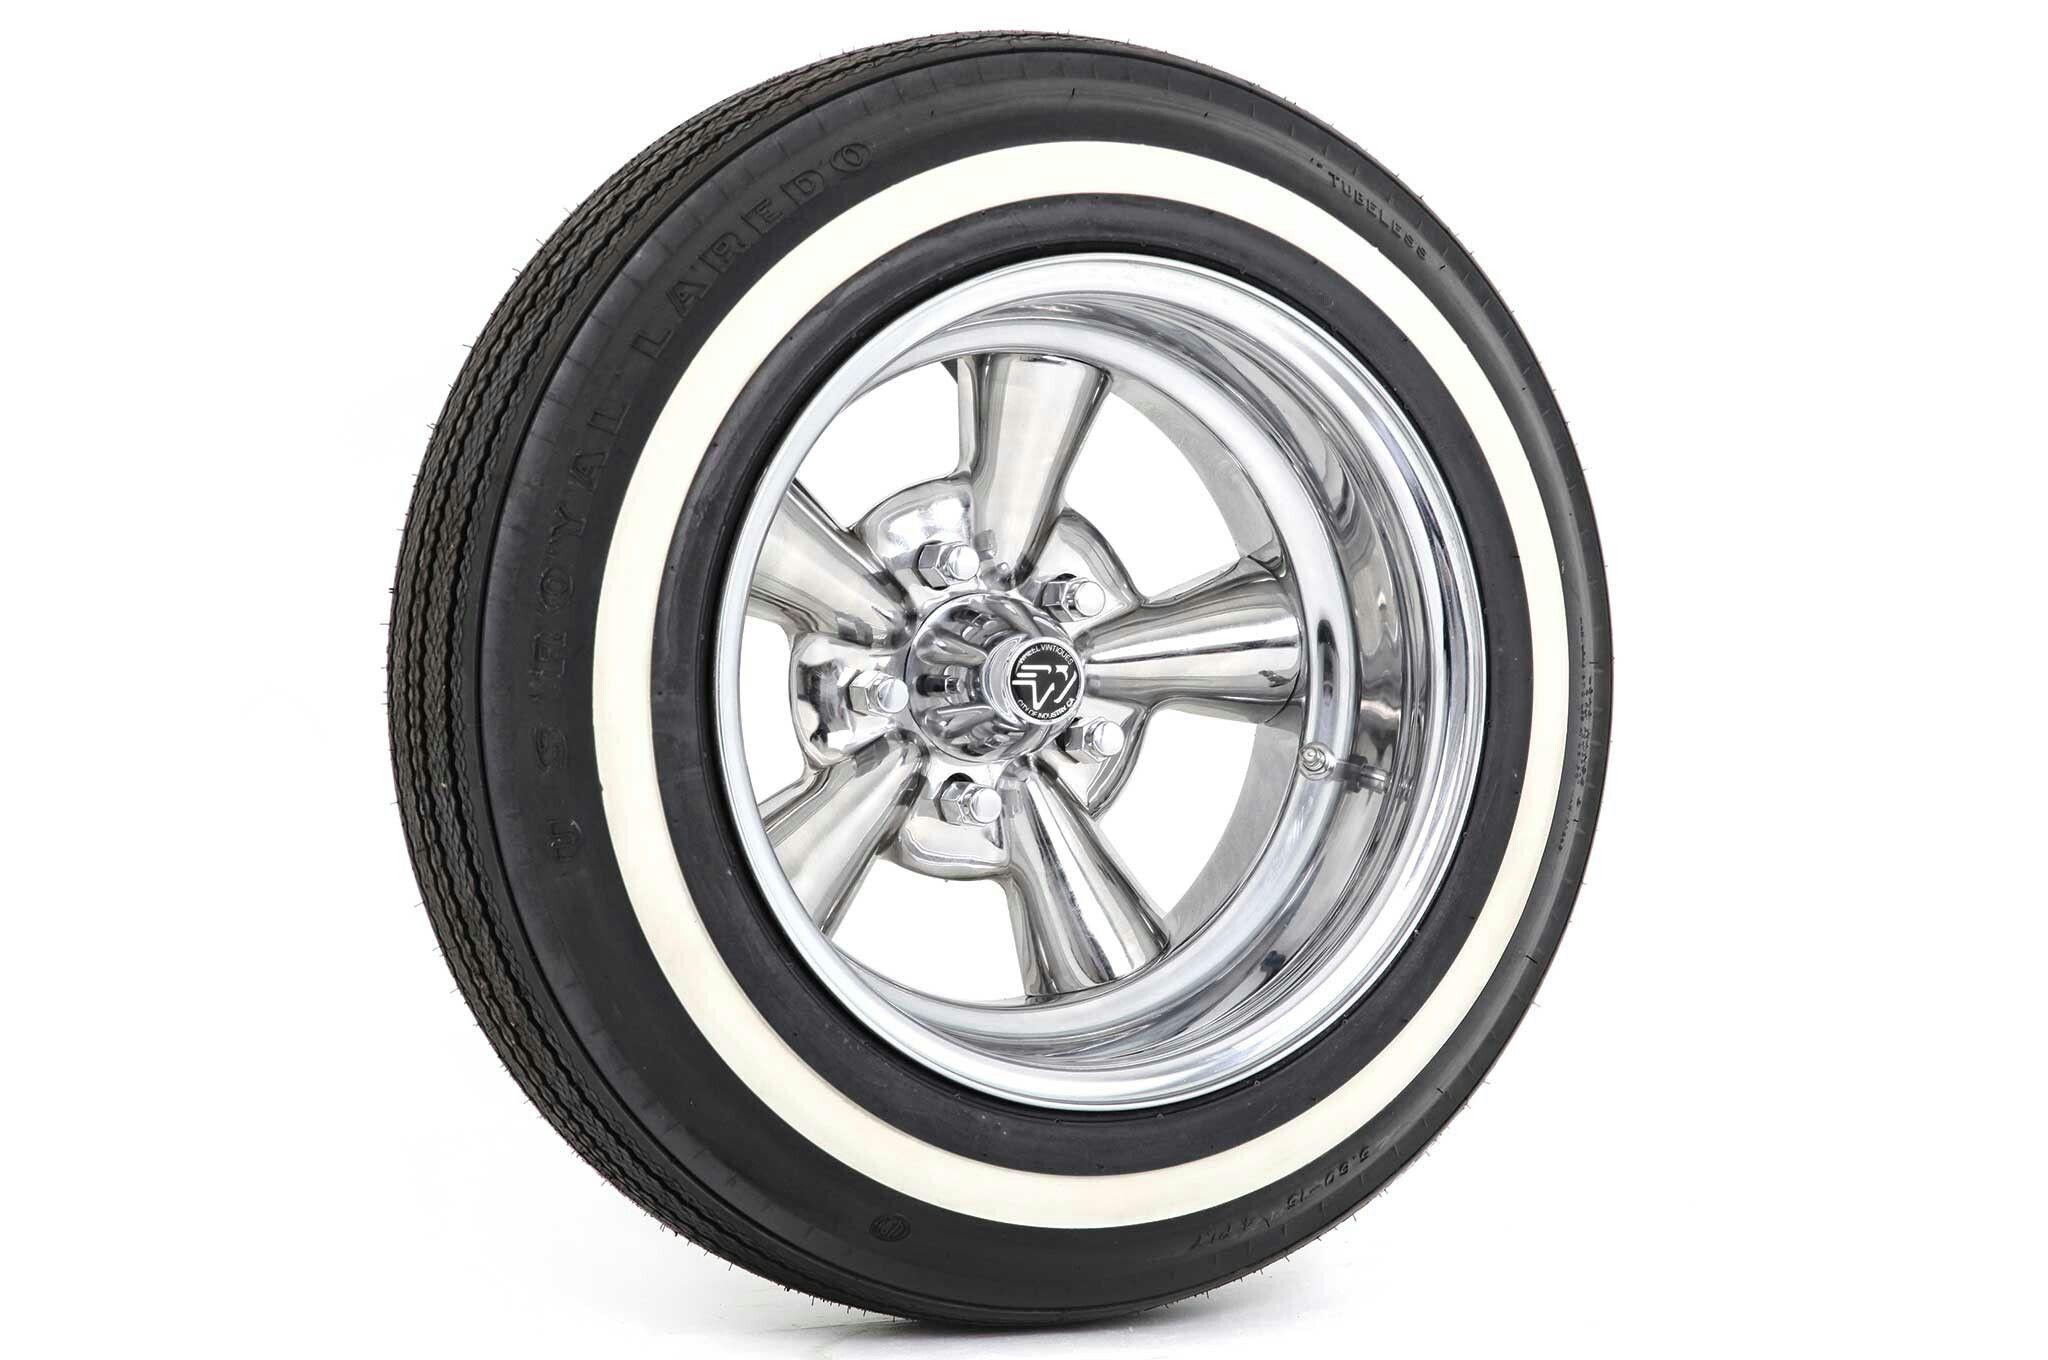 Astro Supreme Half Inch White Wall Wheel Coker Tire Lowrider Cars